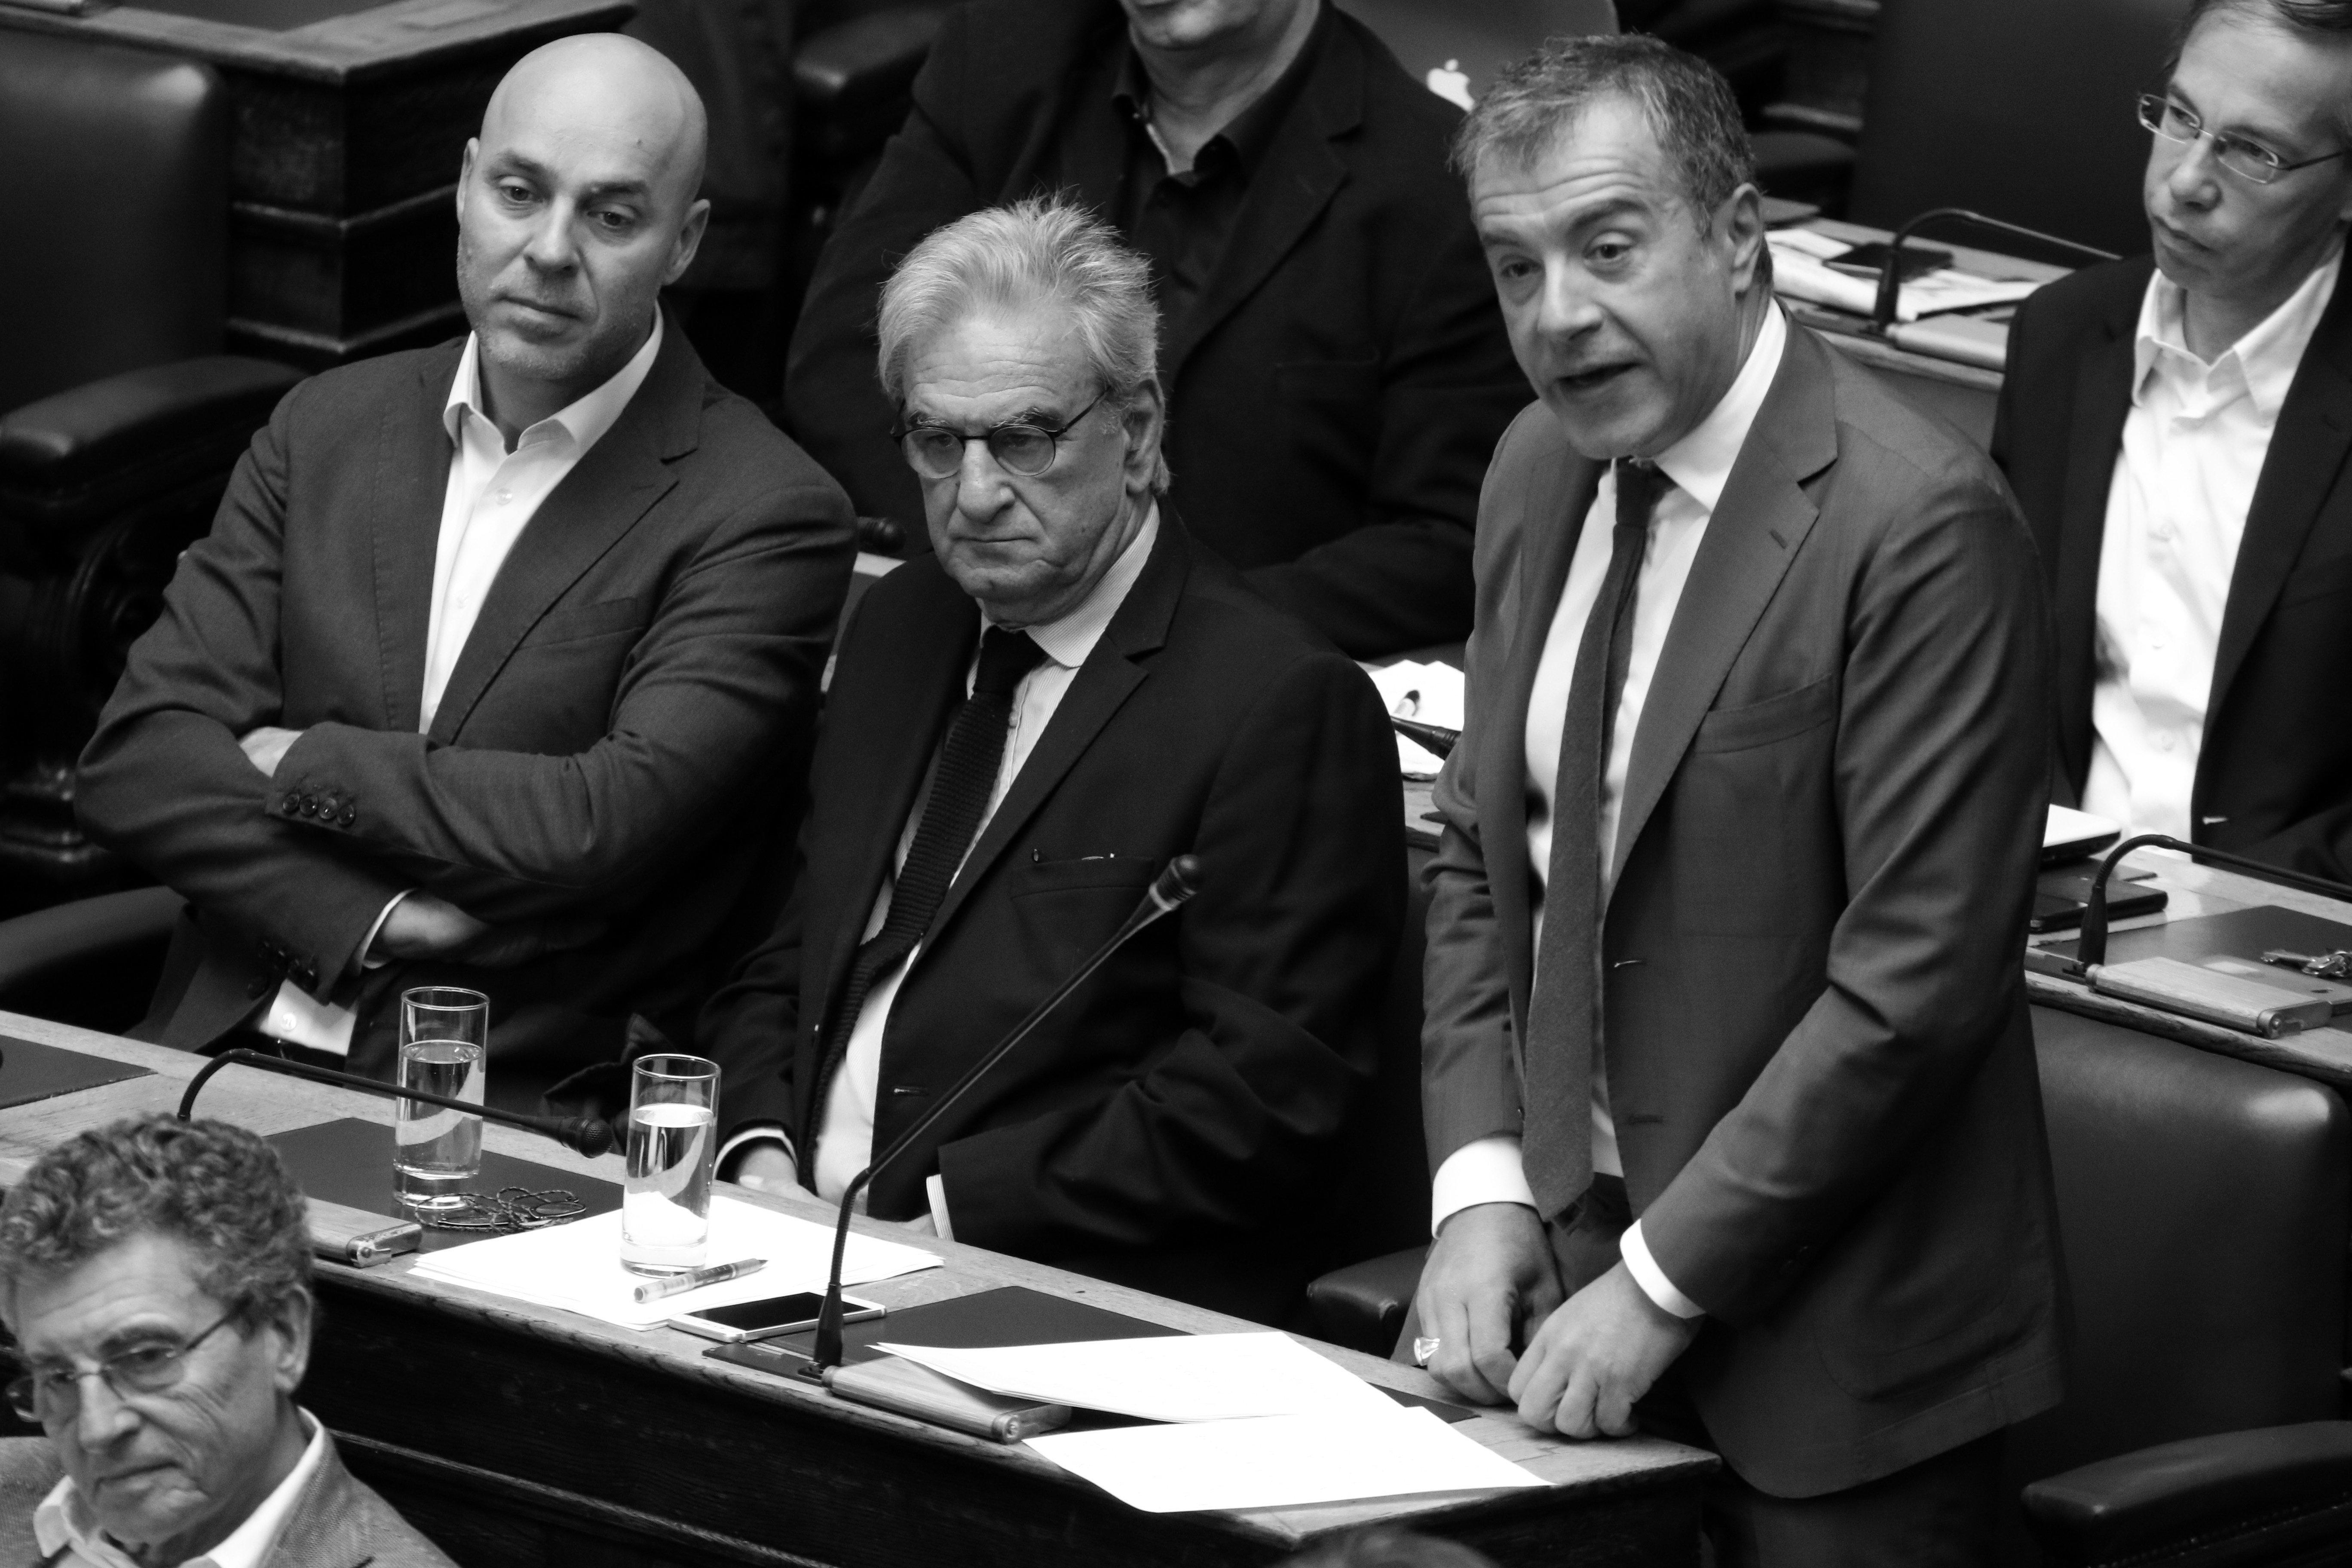 Θεοδωράκης: Είναι λογική λύση οι Πρέσπες - Υπέρ της συμφωνίας ο